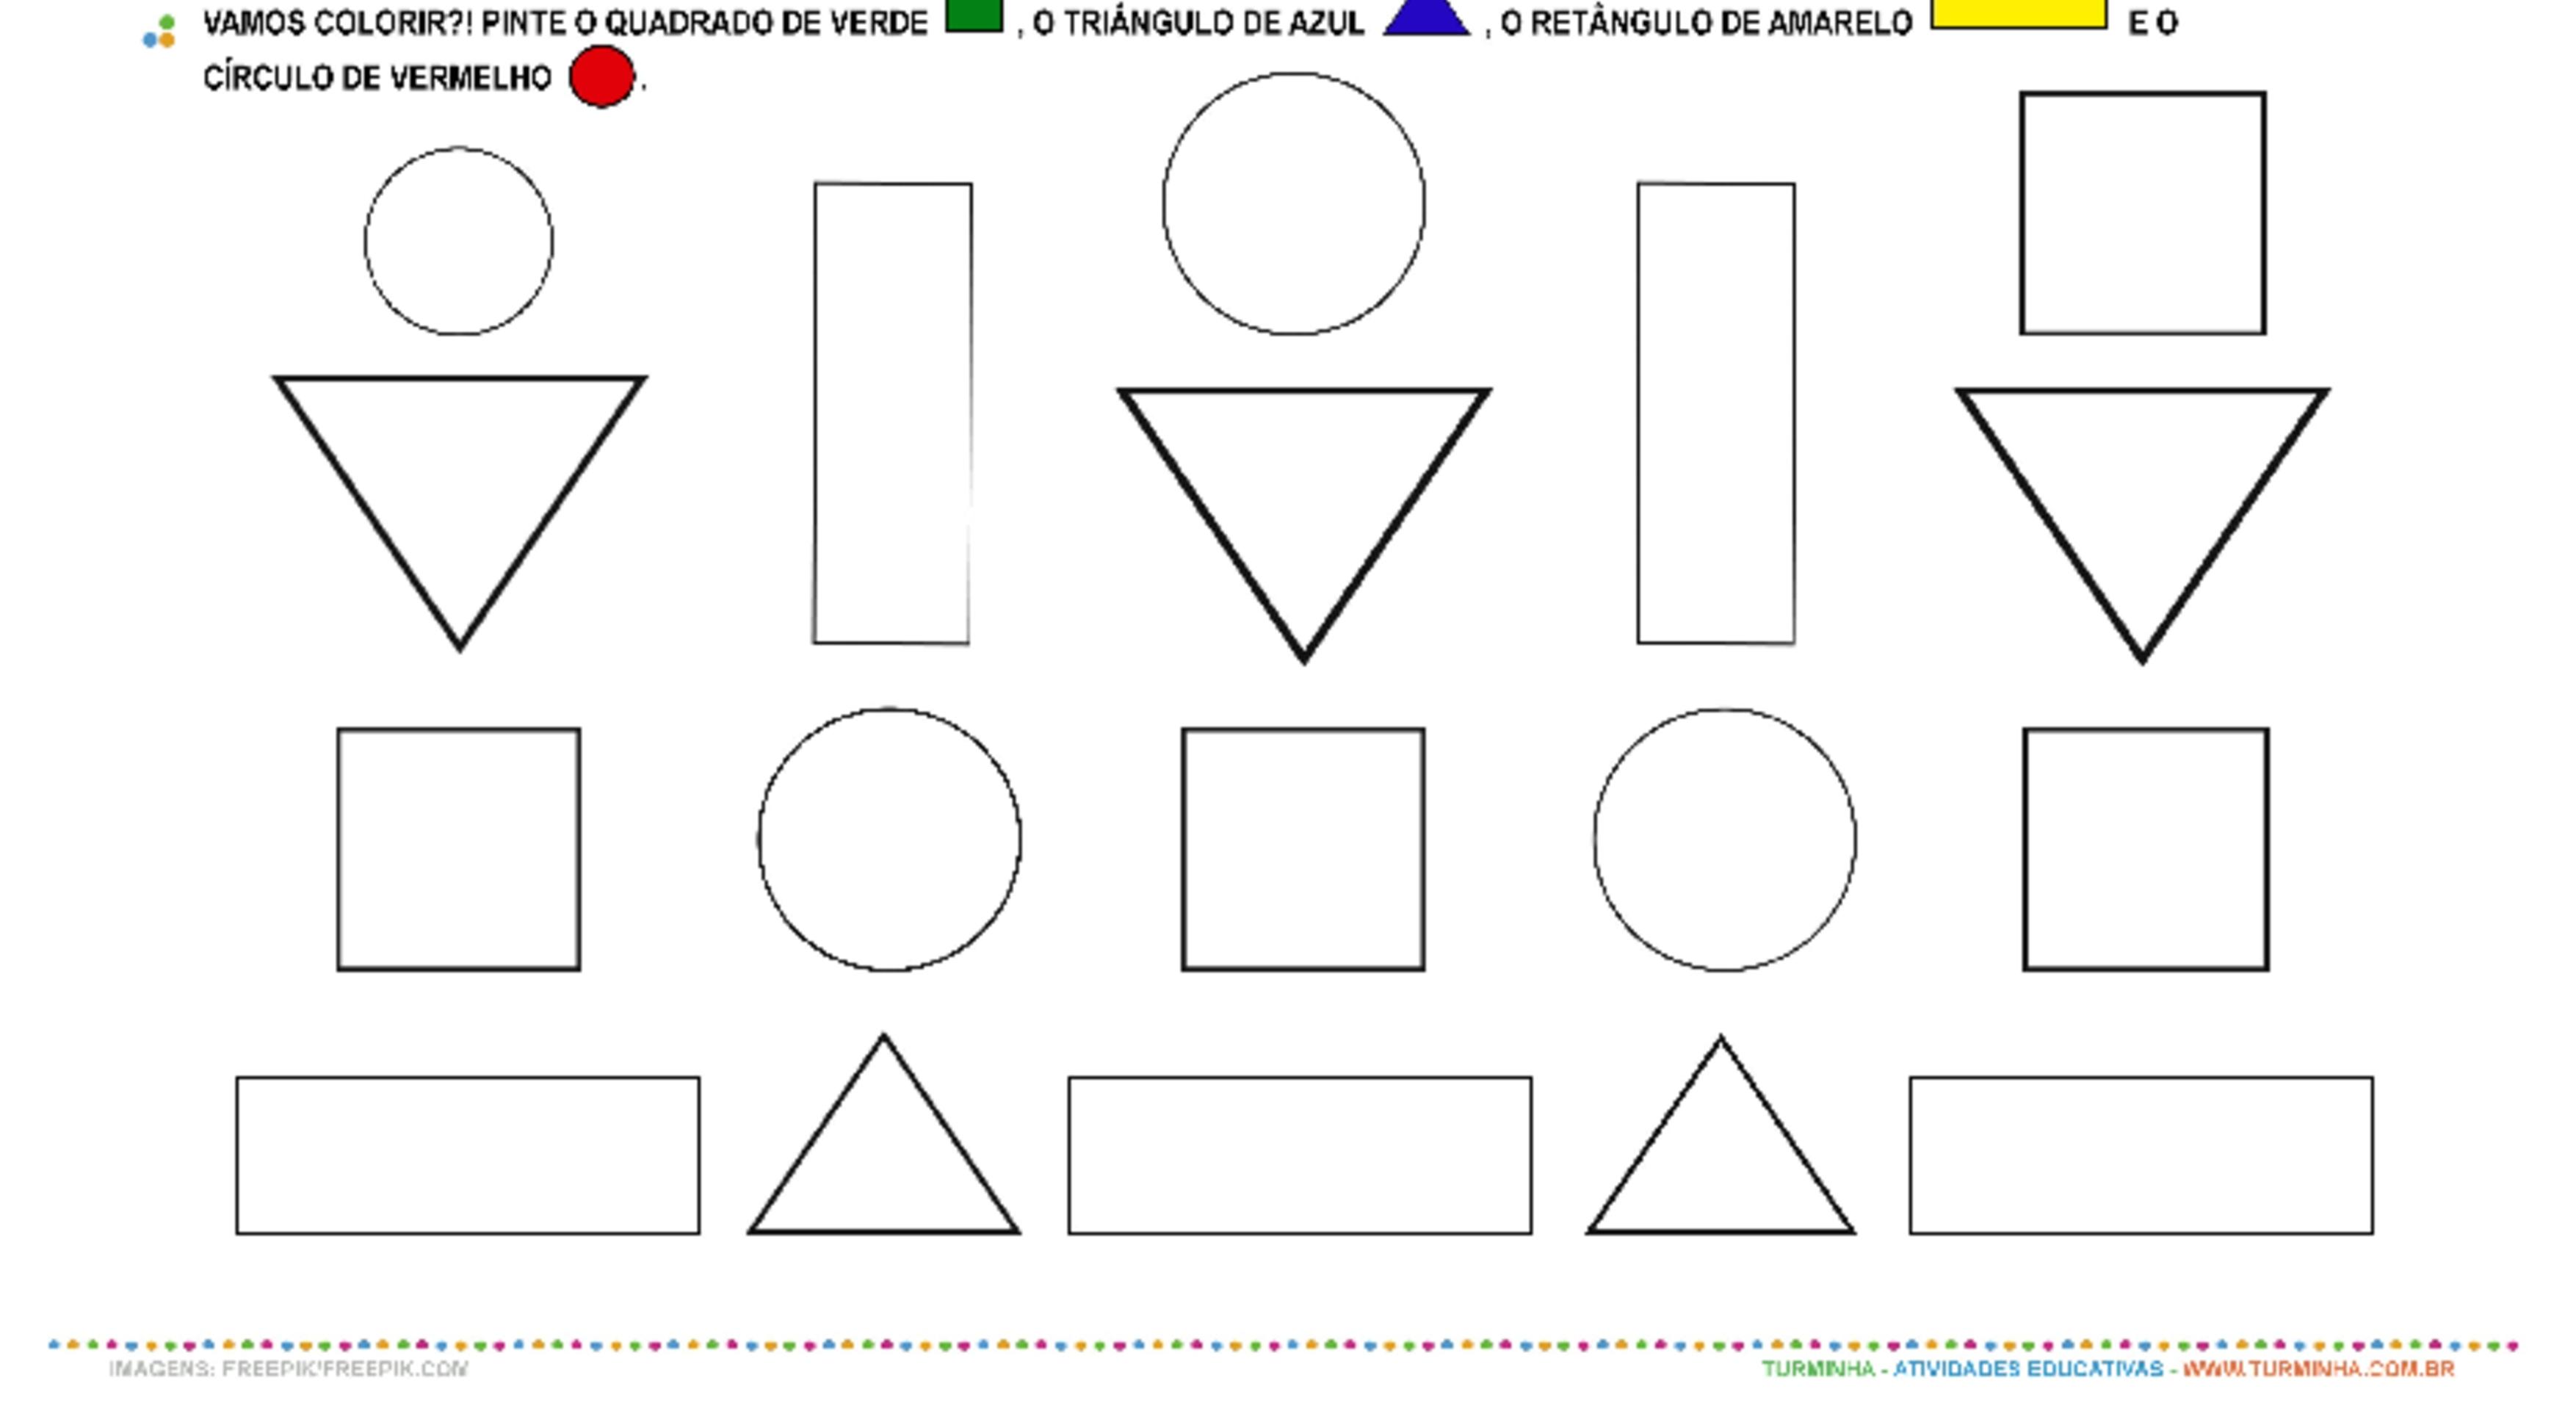 Formas Geométricas - Observação e Pintura - atividade educativa para Creche (0 a 3 anos)